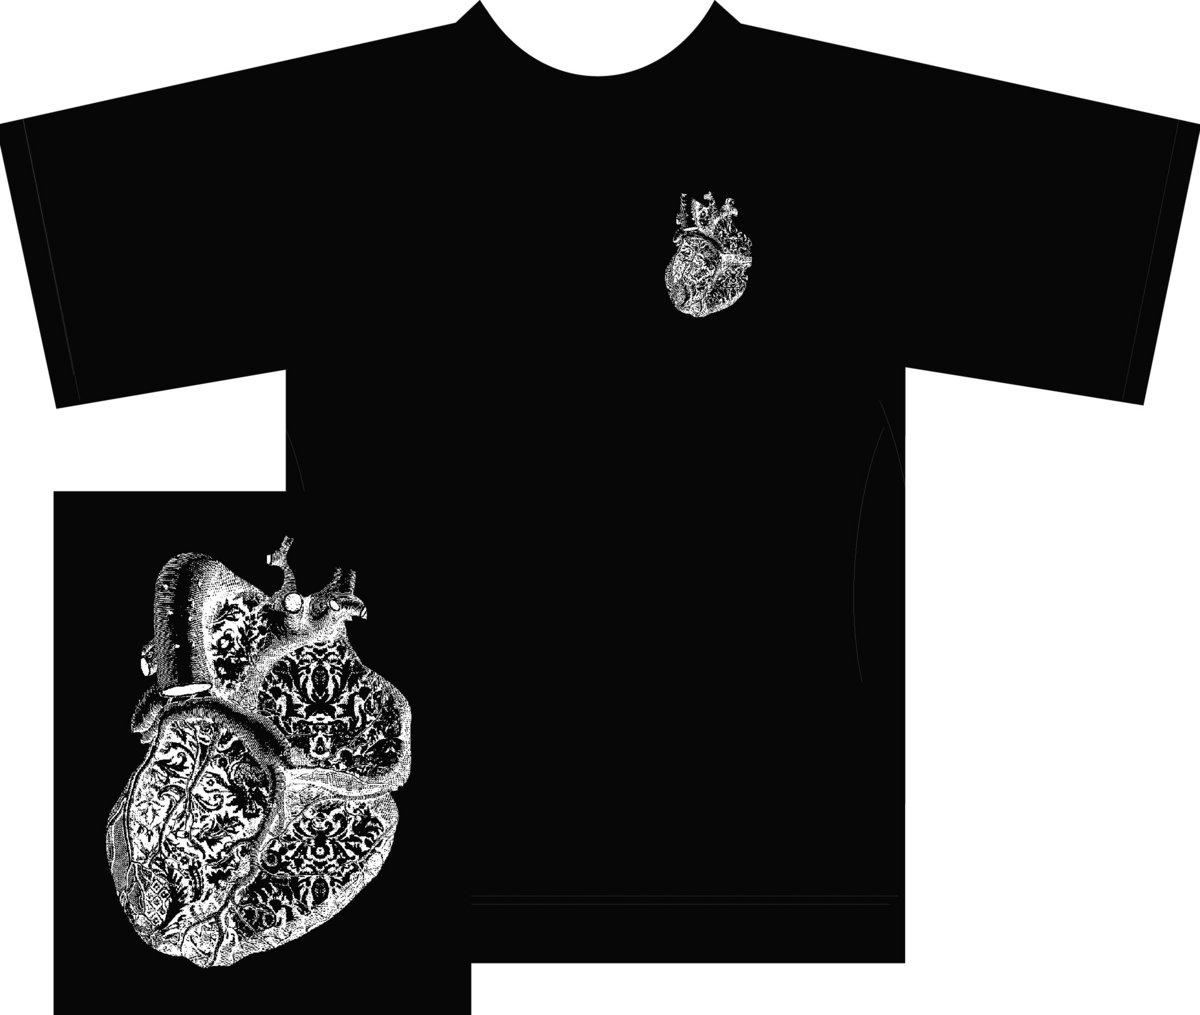 Heart design t shirt - Heart Design T Shirt With Wolf Main Photo